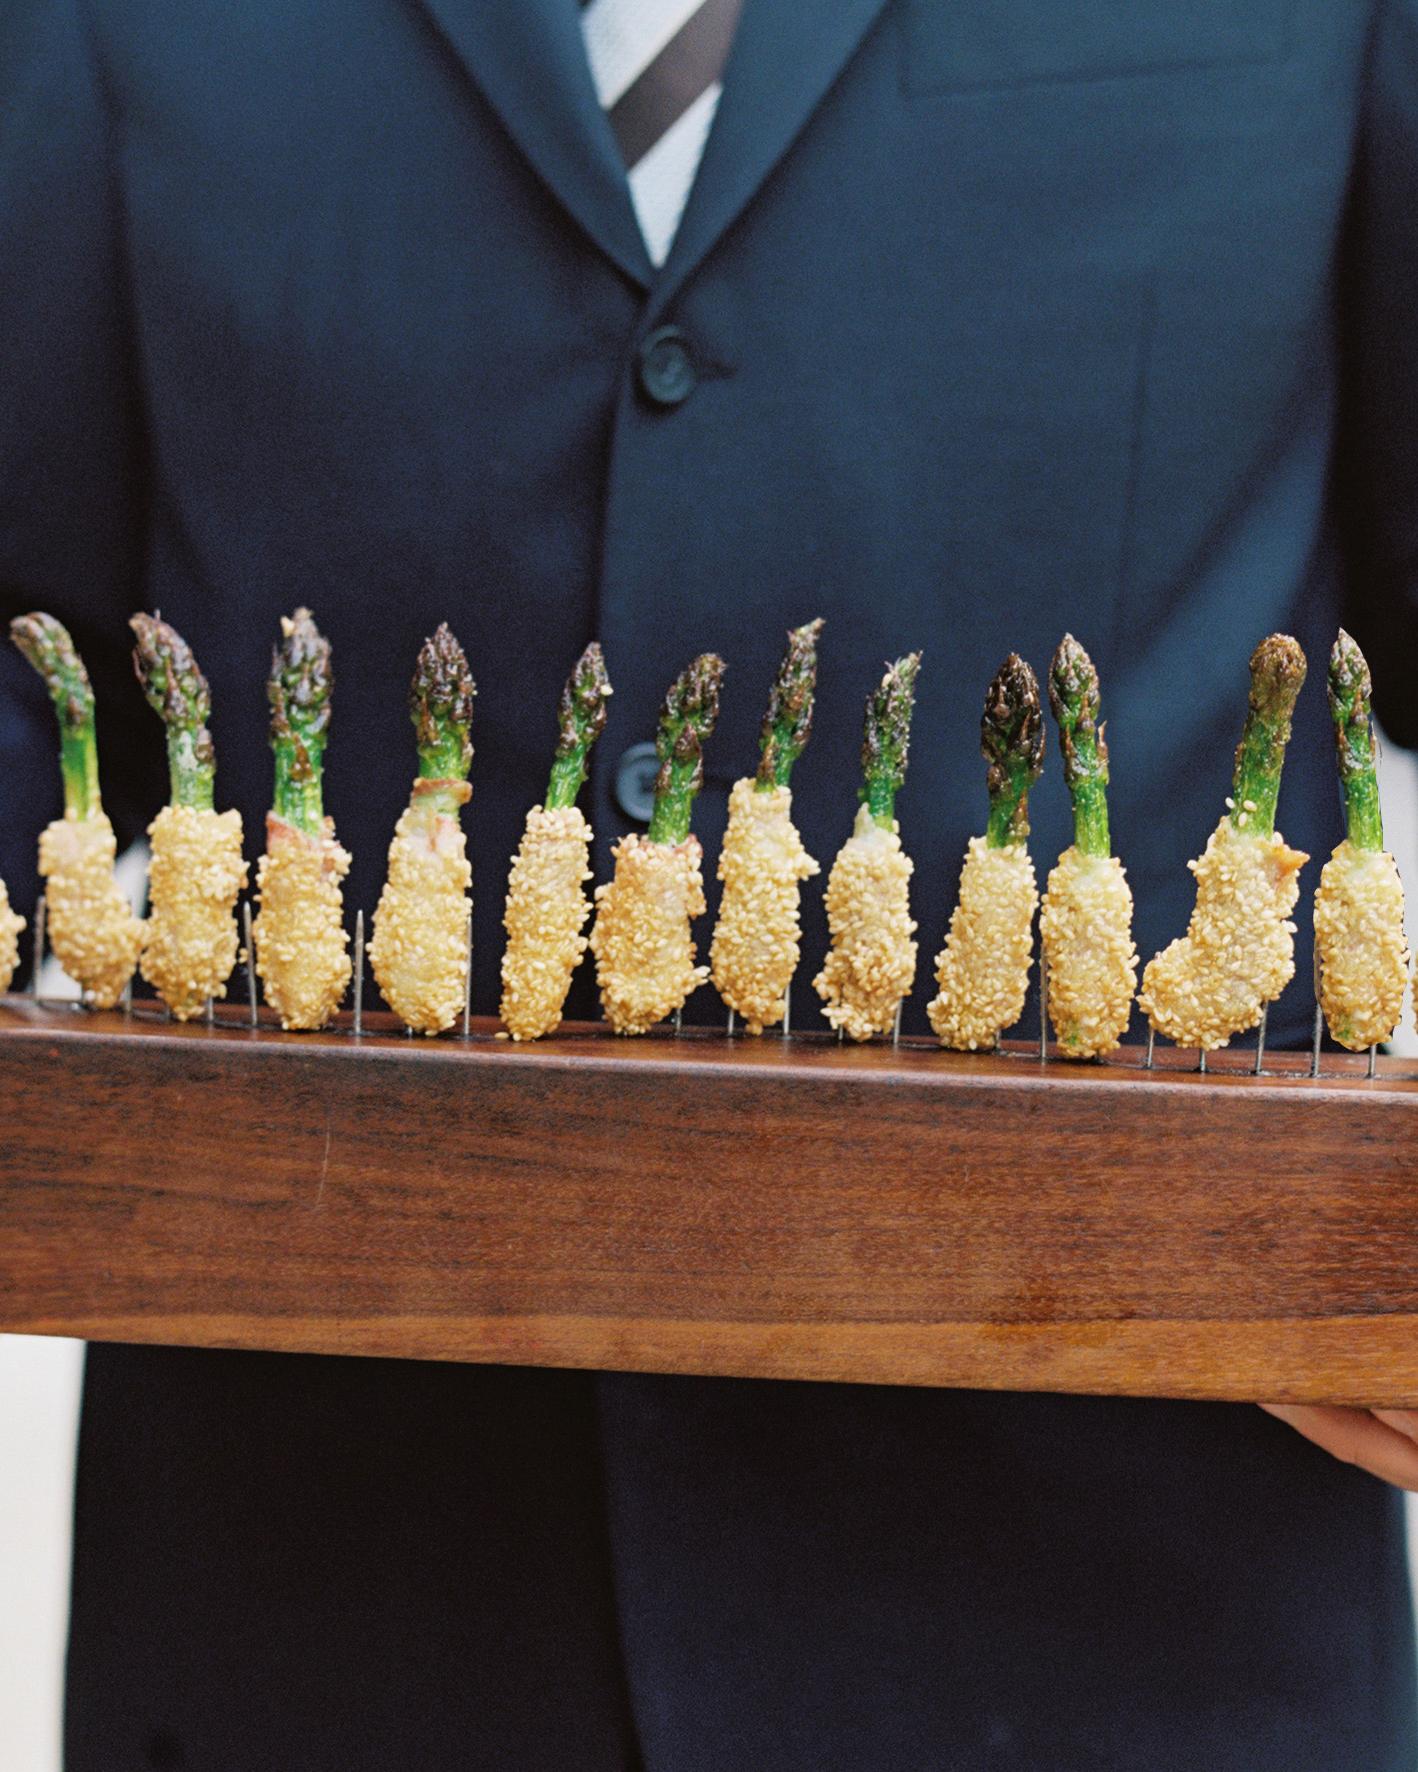 sydney-christina-wedding-food-070-s111743-0115.jpg